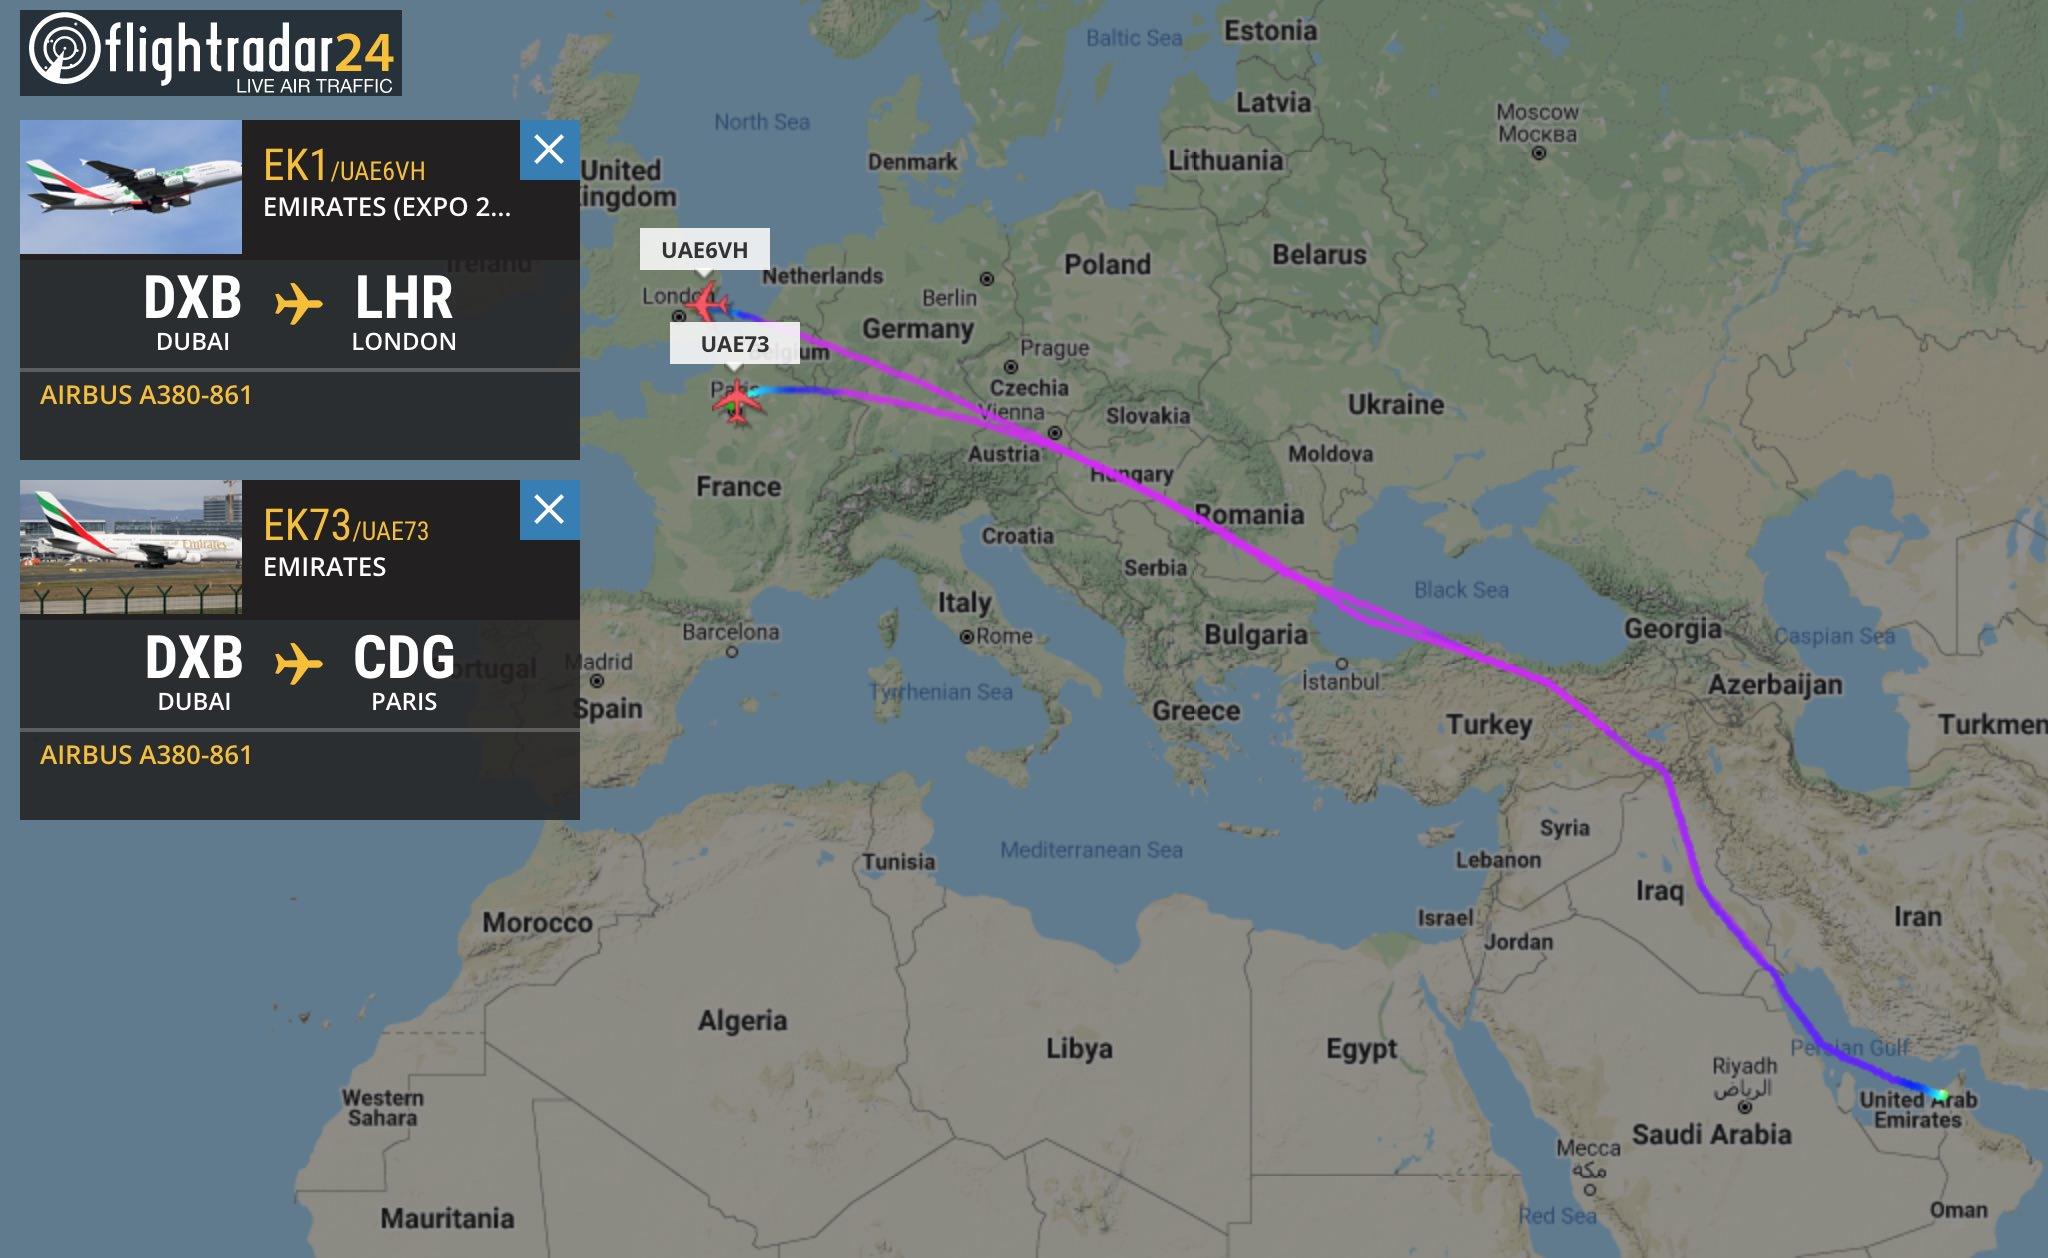 Flight paths of EK1 and EK73